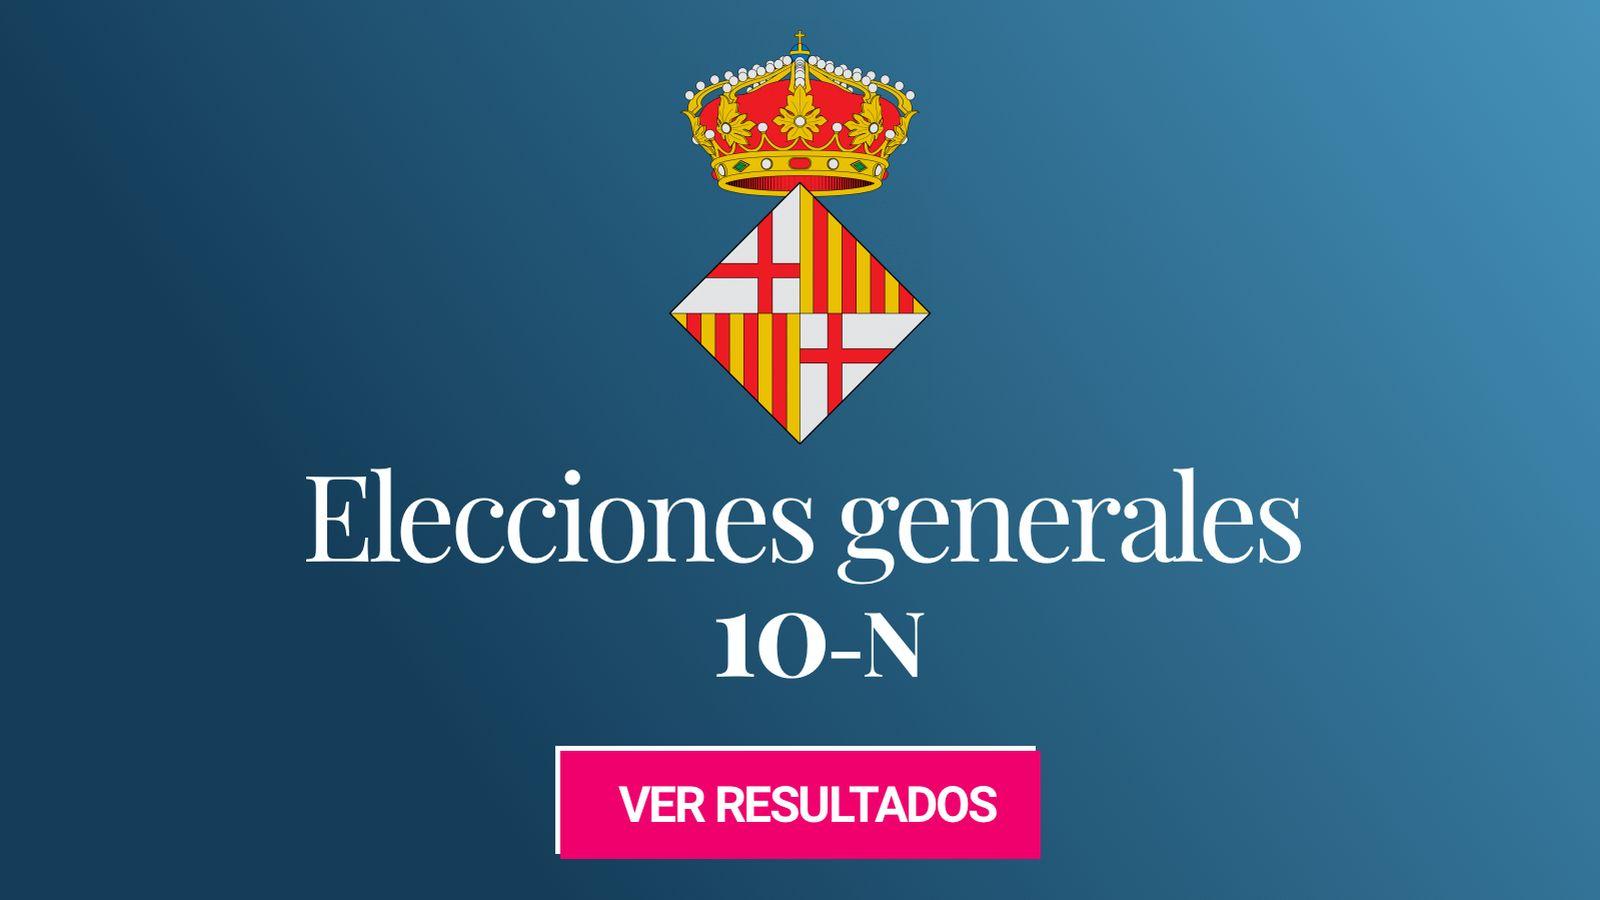 Foto: Elecciones generales 2019 en Barcelona. (C.C./EC)